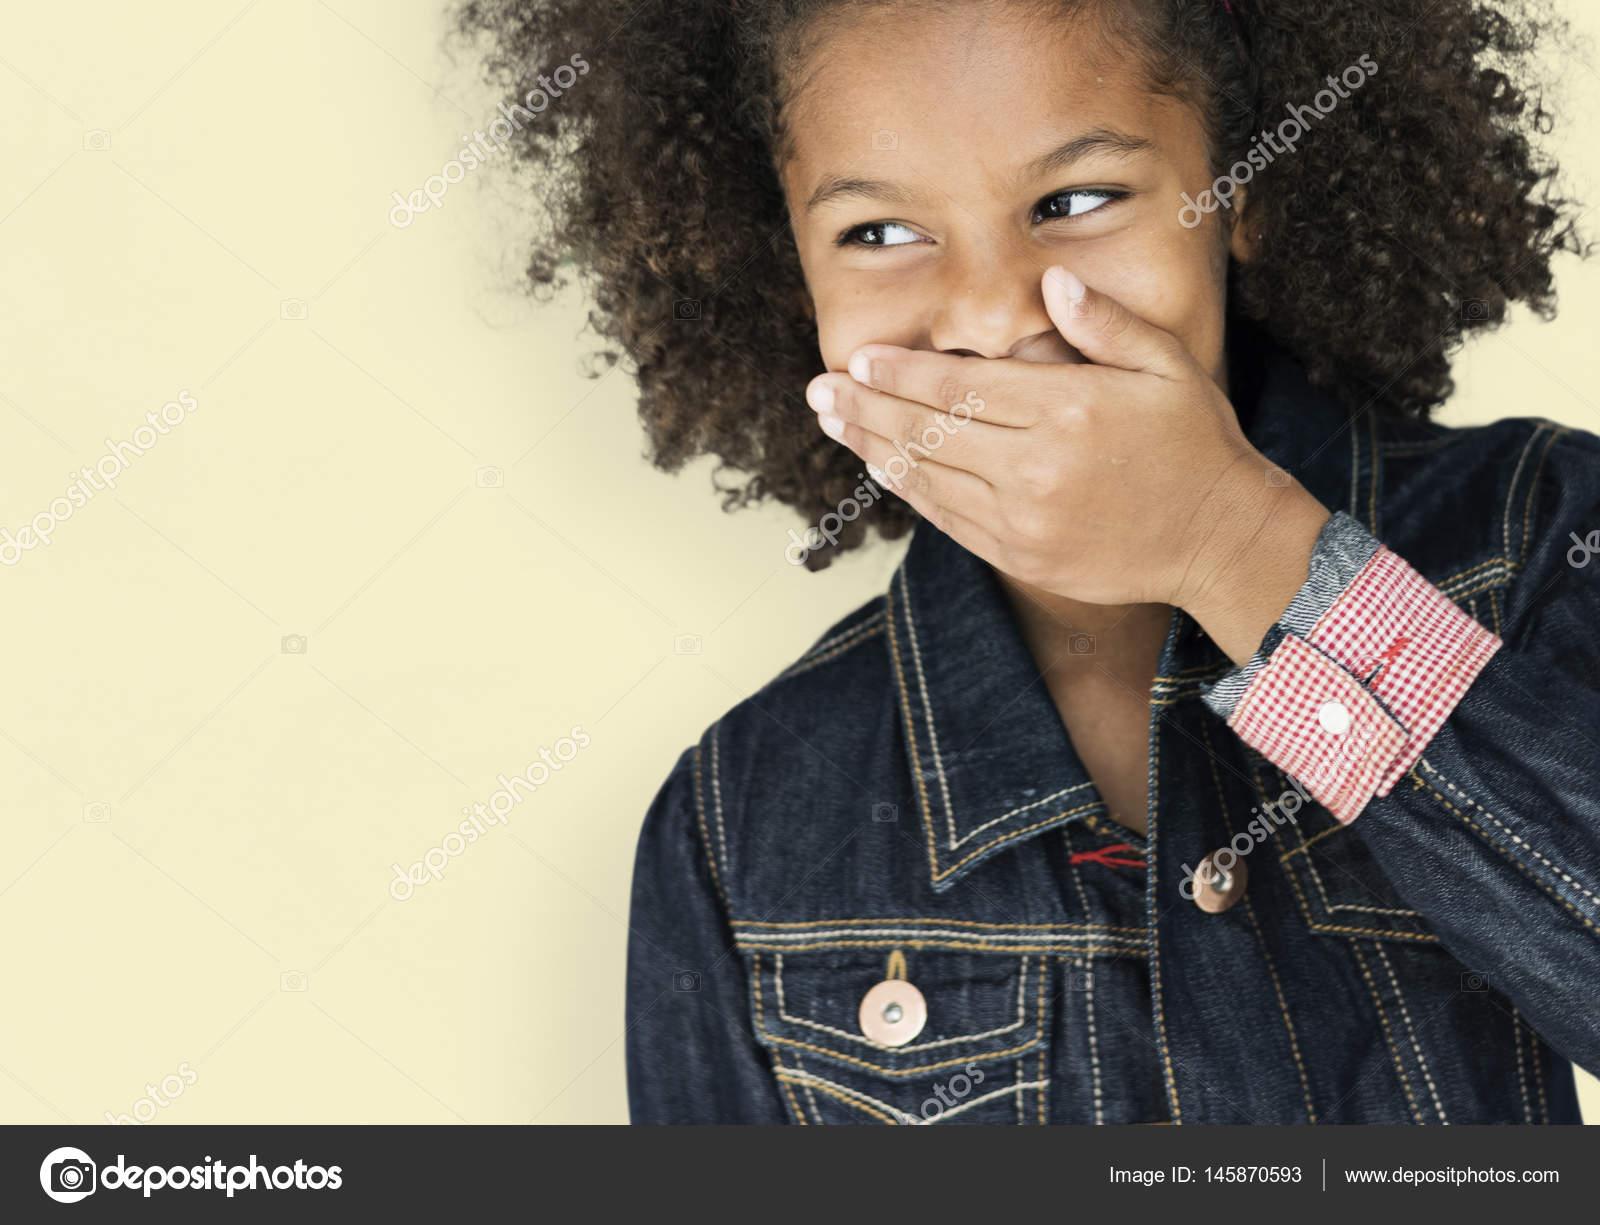 Afrikaanse kind met afro kapsel u2014 stockfoto © rawpixel #145870593